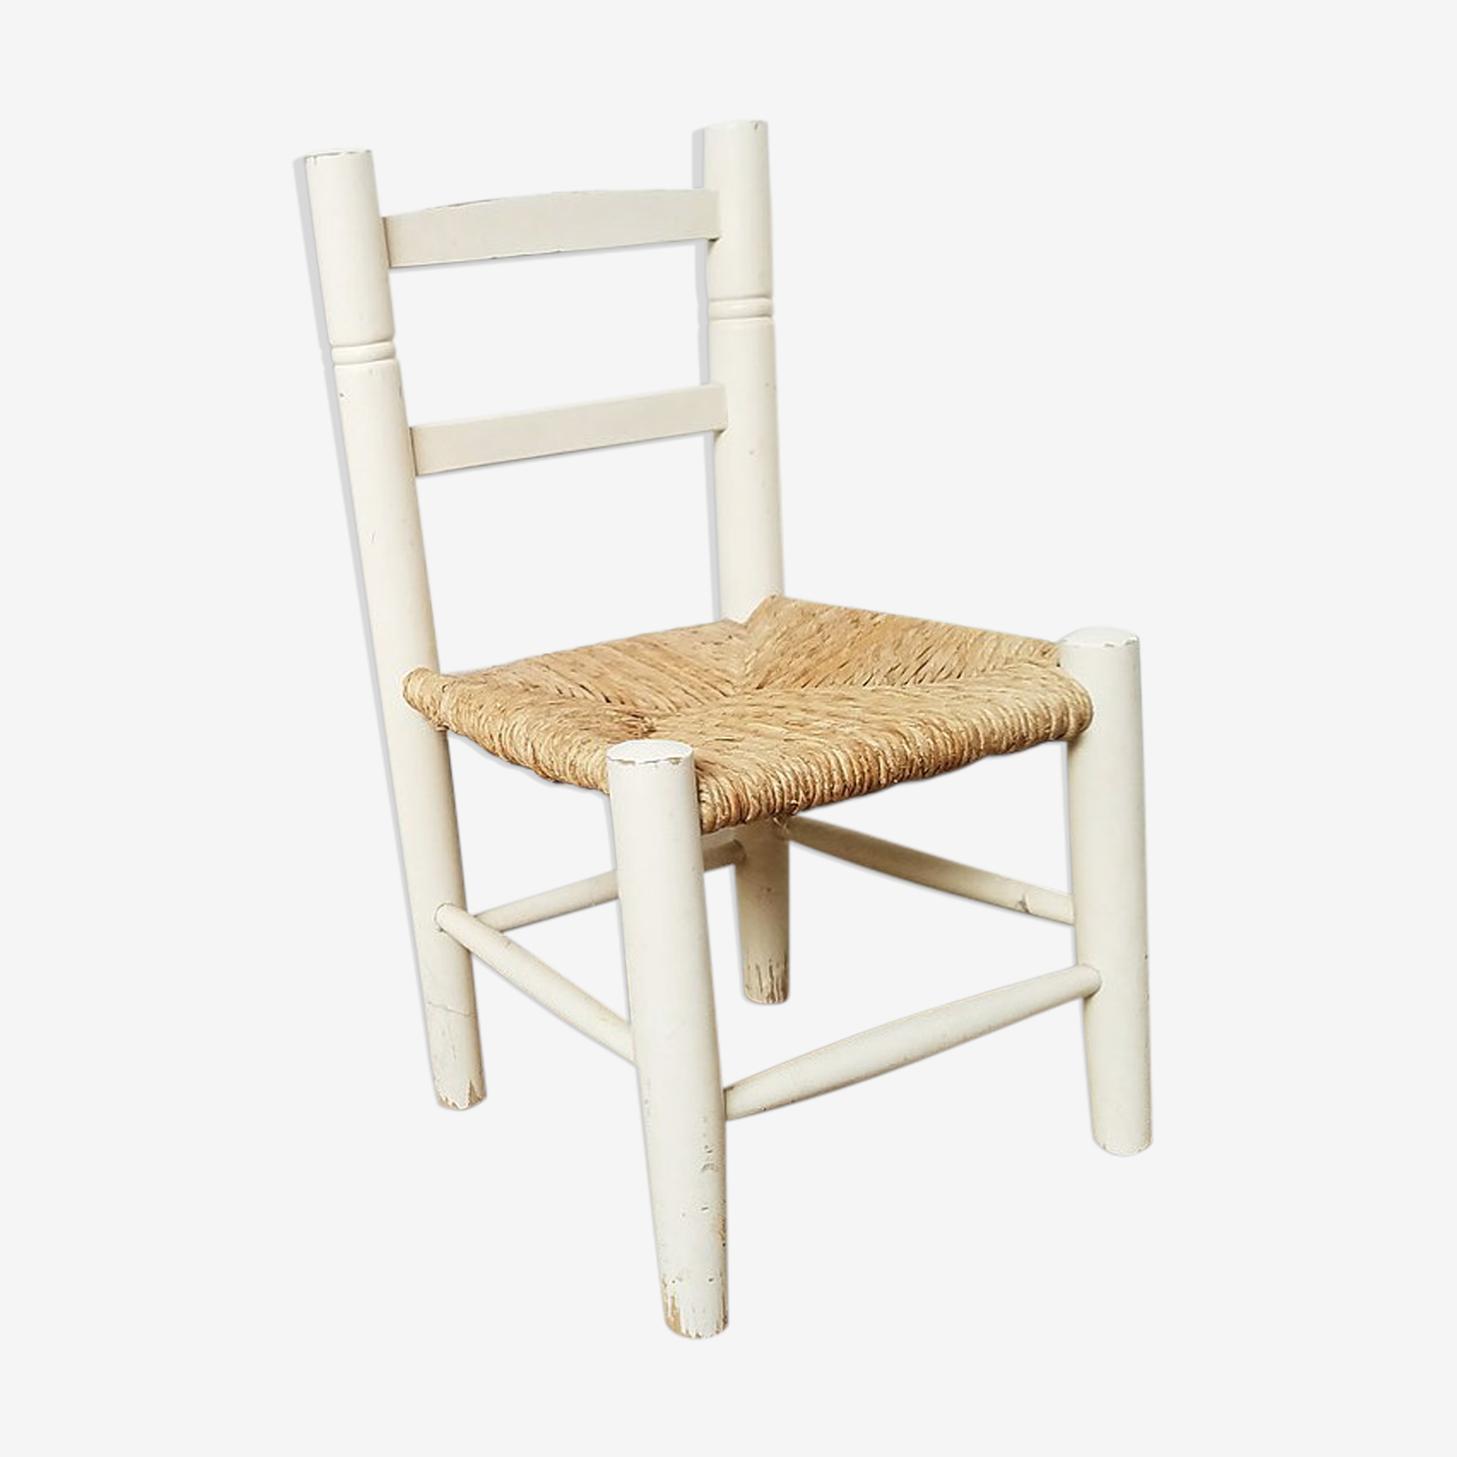 Chaise enfant bois -marceau